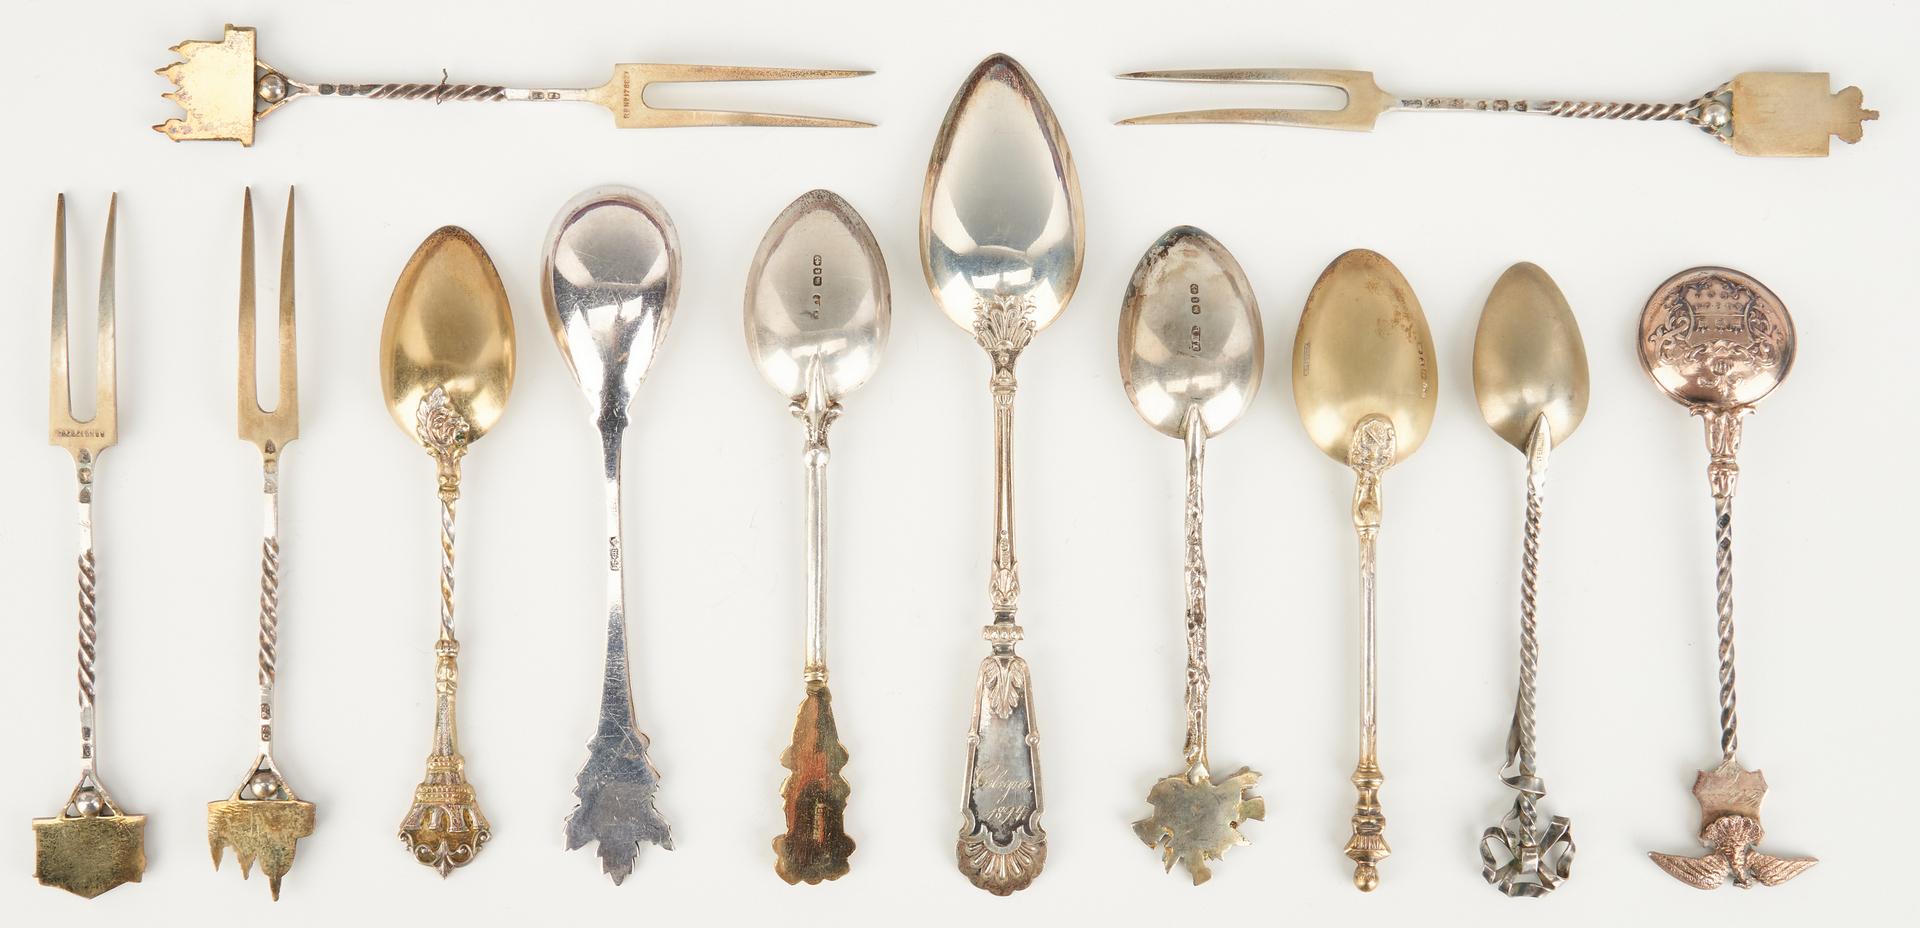 Lot 1061: 31 Souvenir Spoons inc CA, TN, AK & Enameled